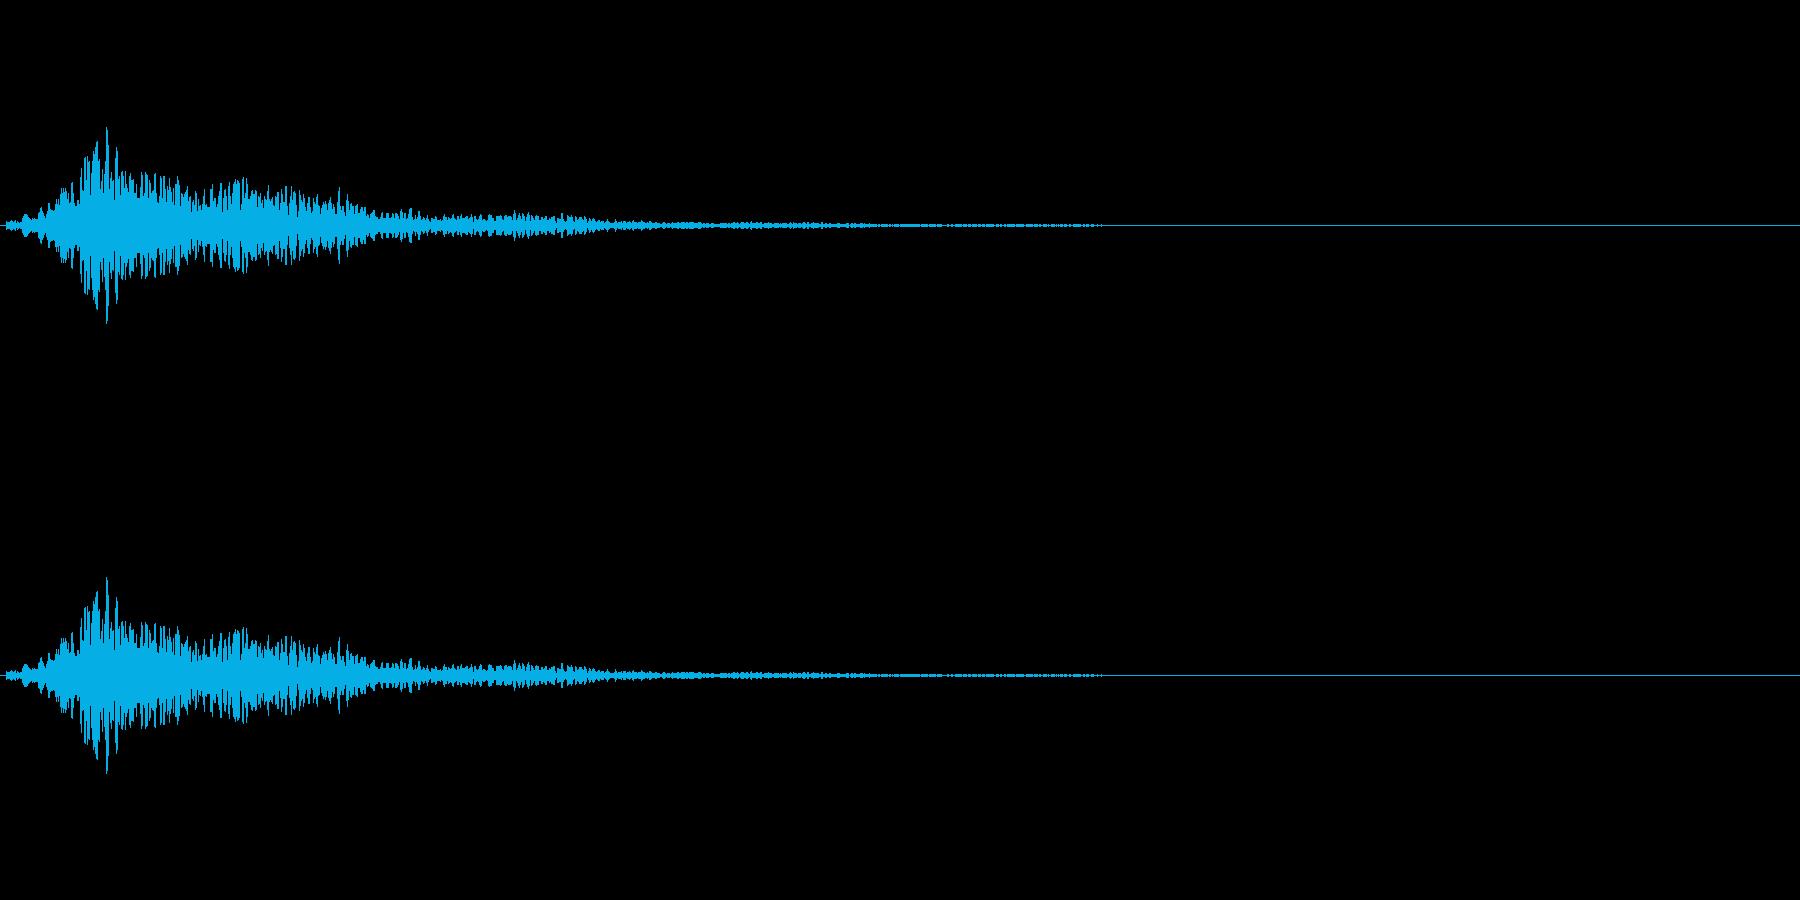 キラキラリーンShortの再生済みの波形